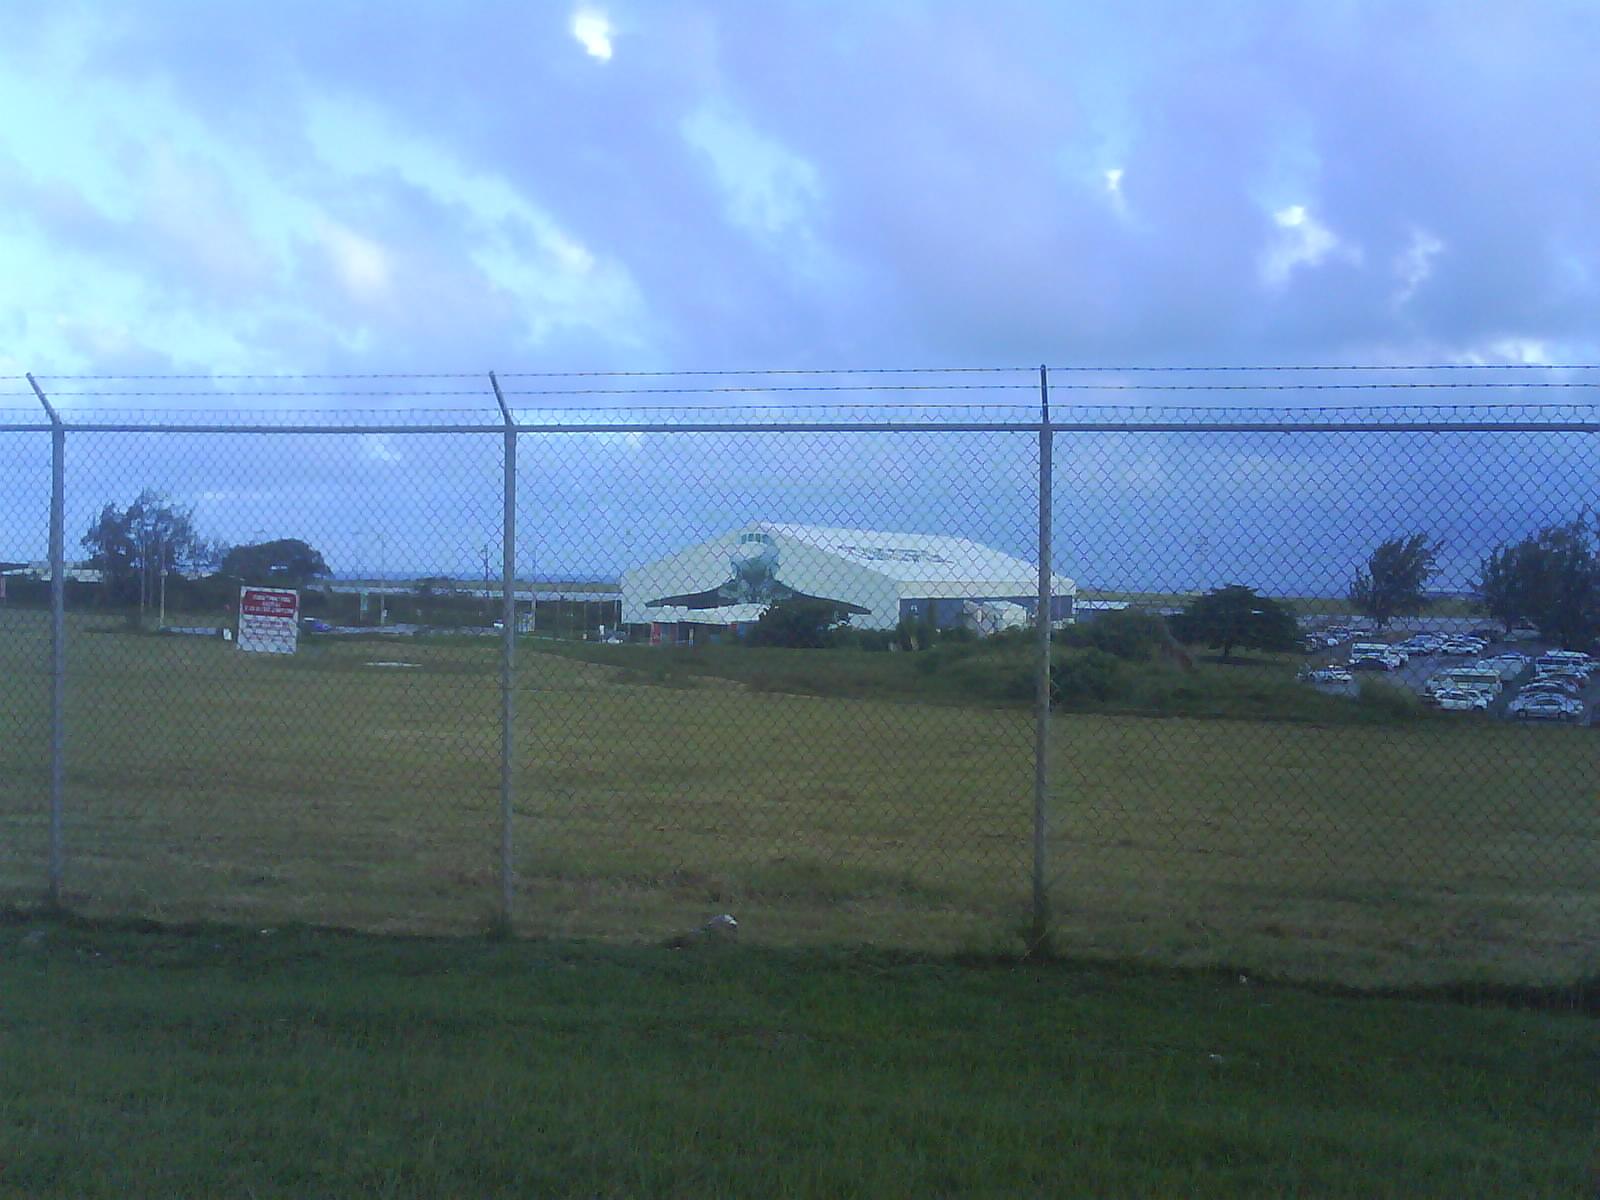 Concorde Museum Barbados File:barbados Concorde